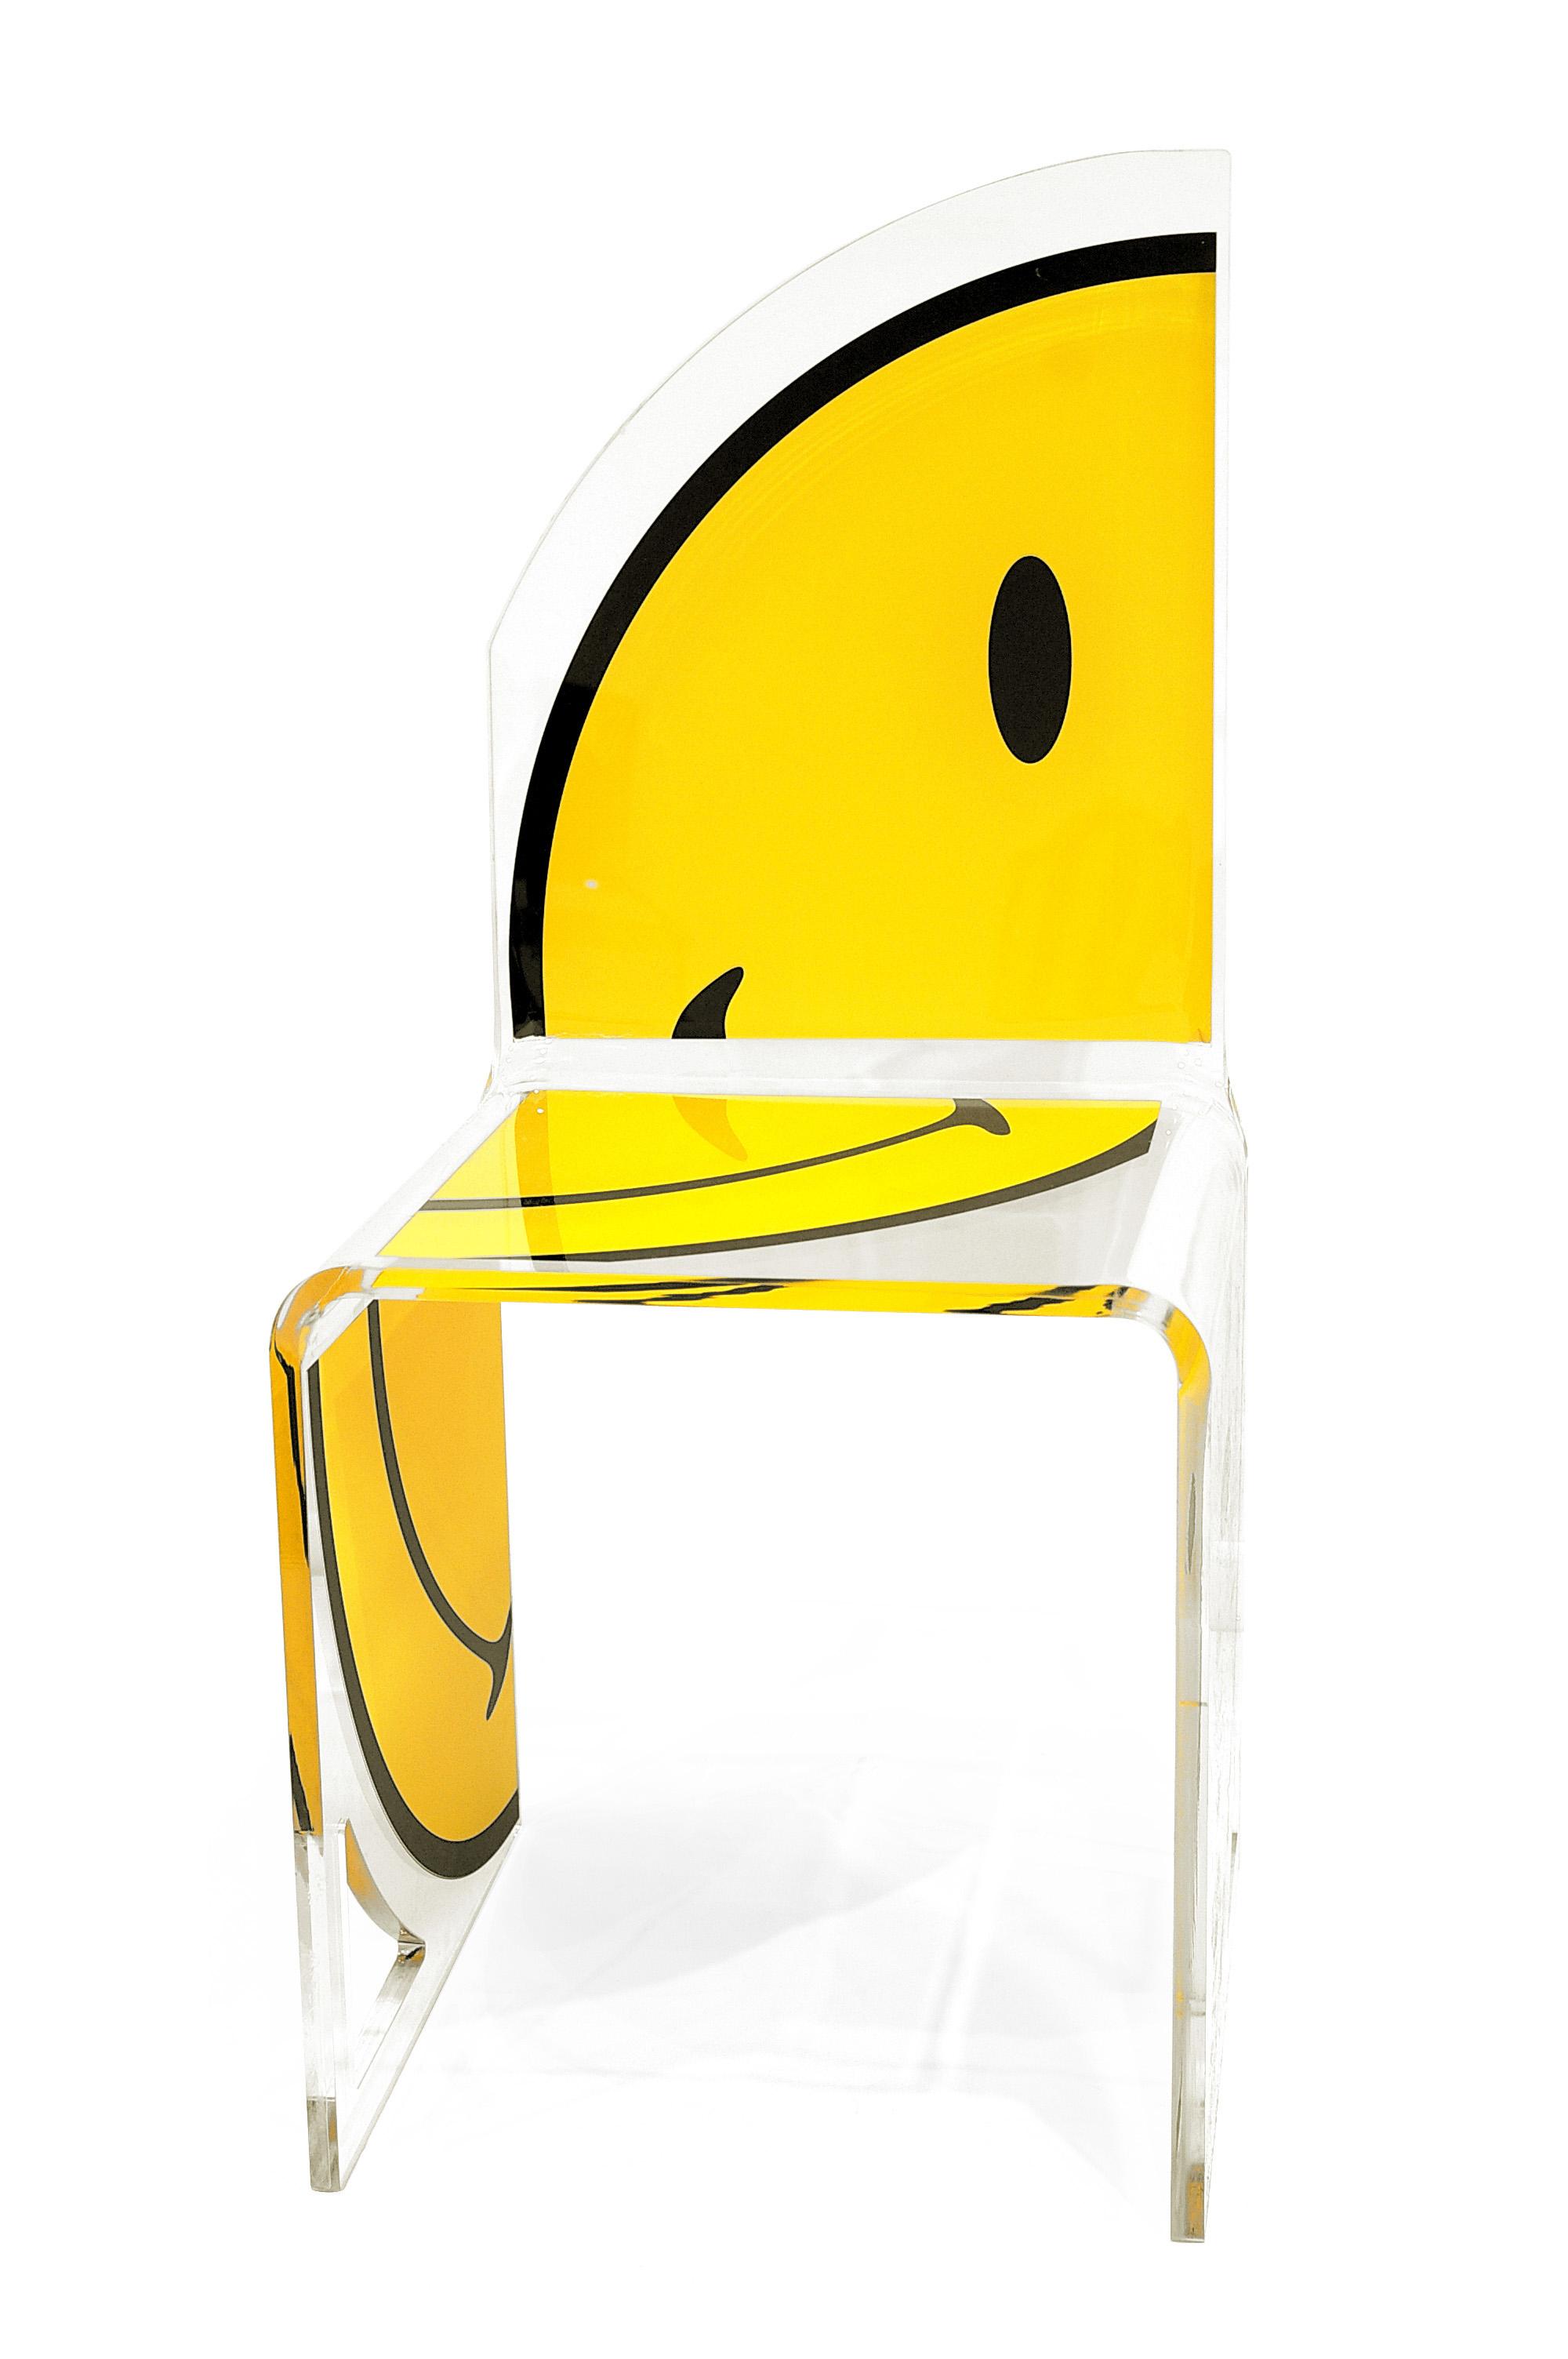 Smiley quarter face.jpg